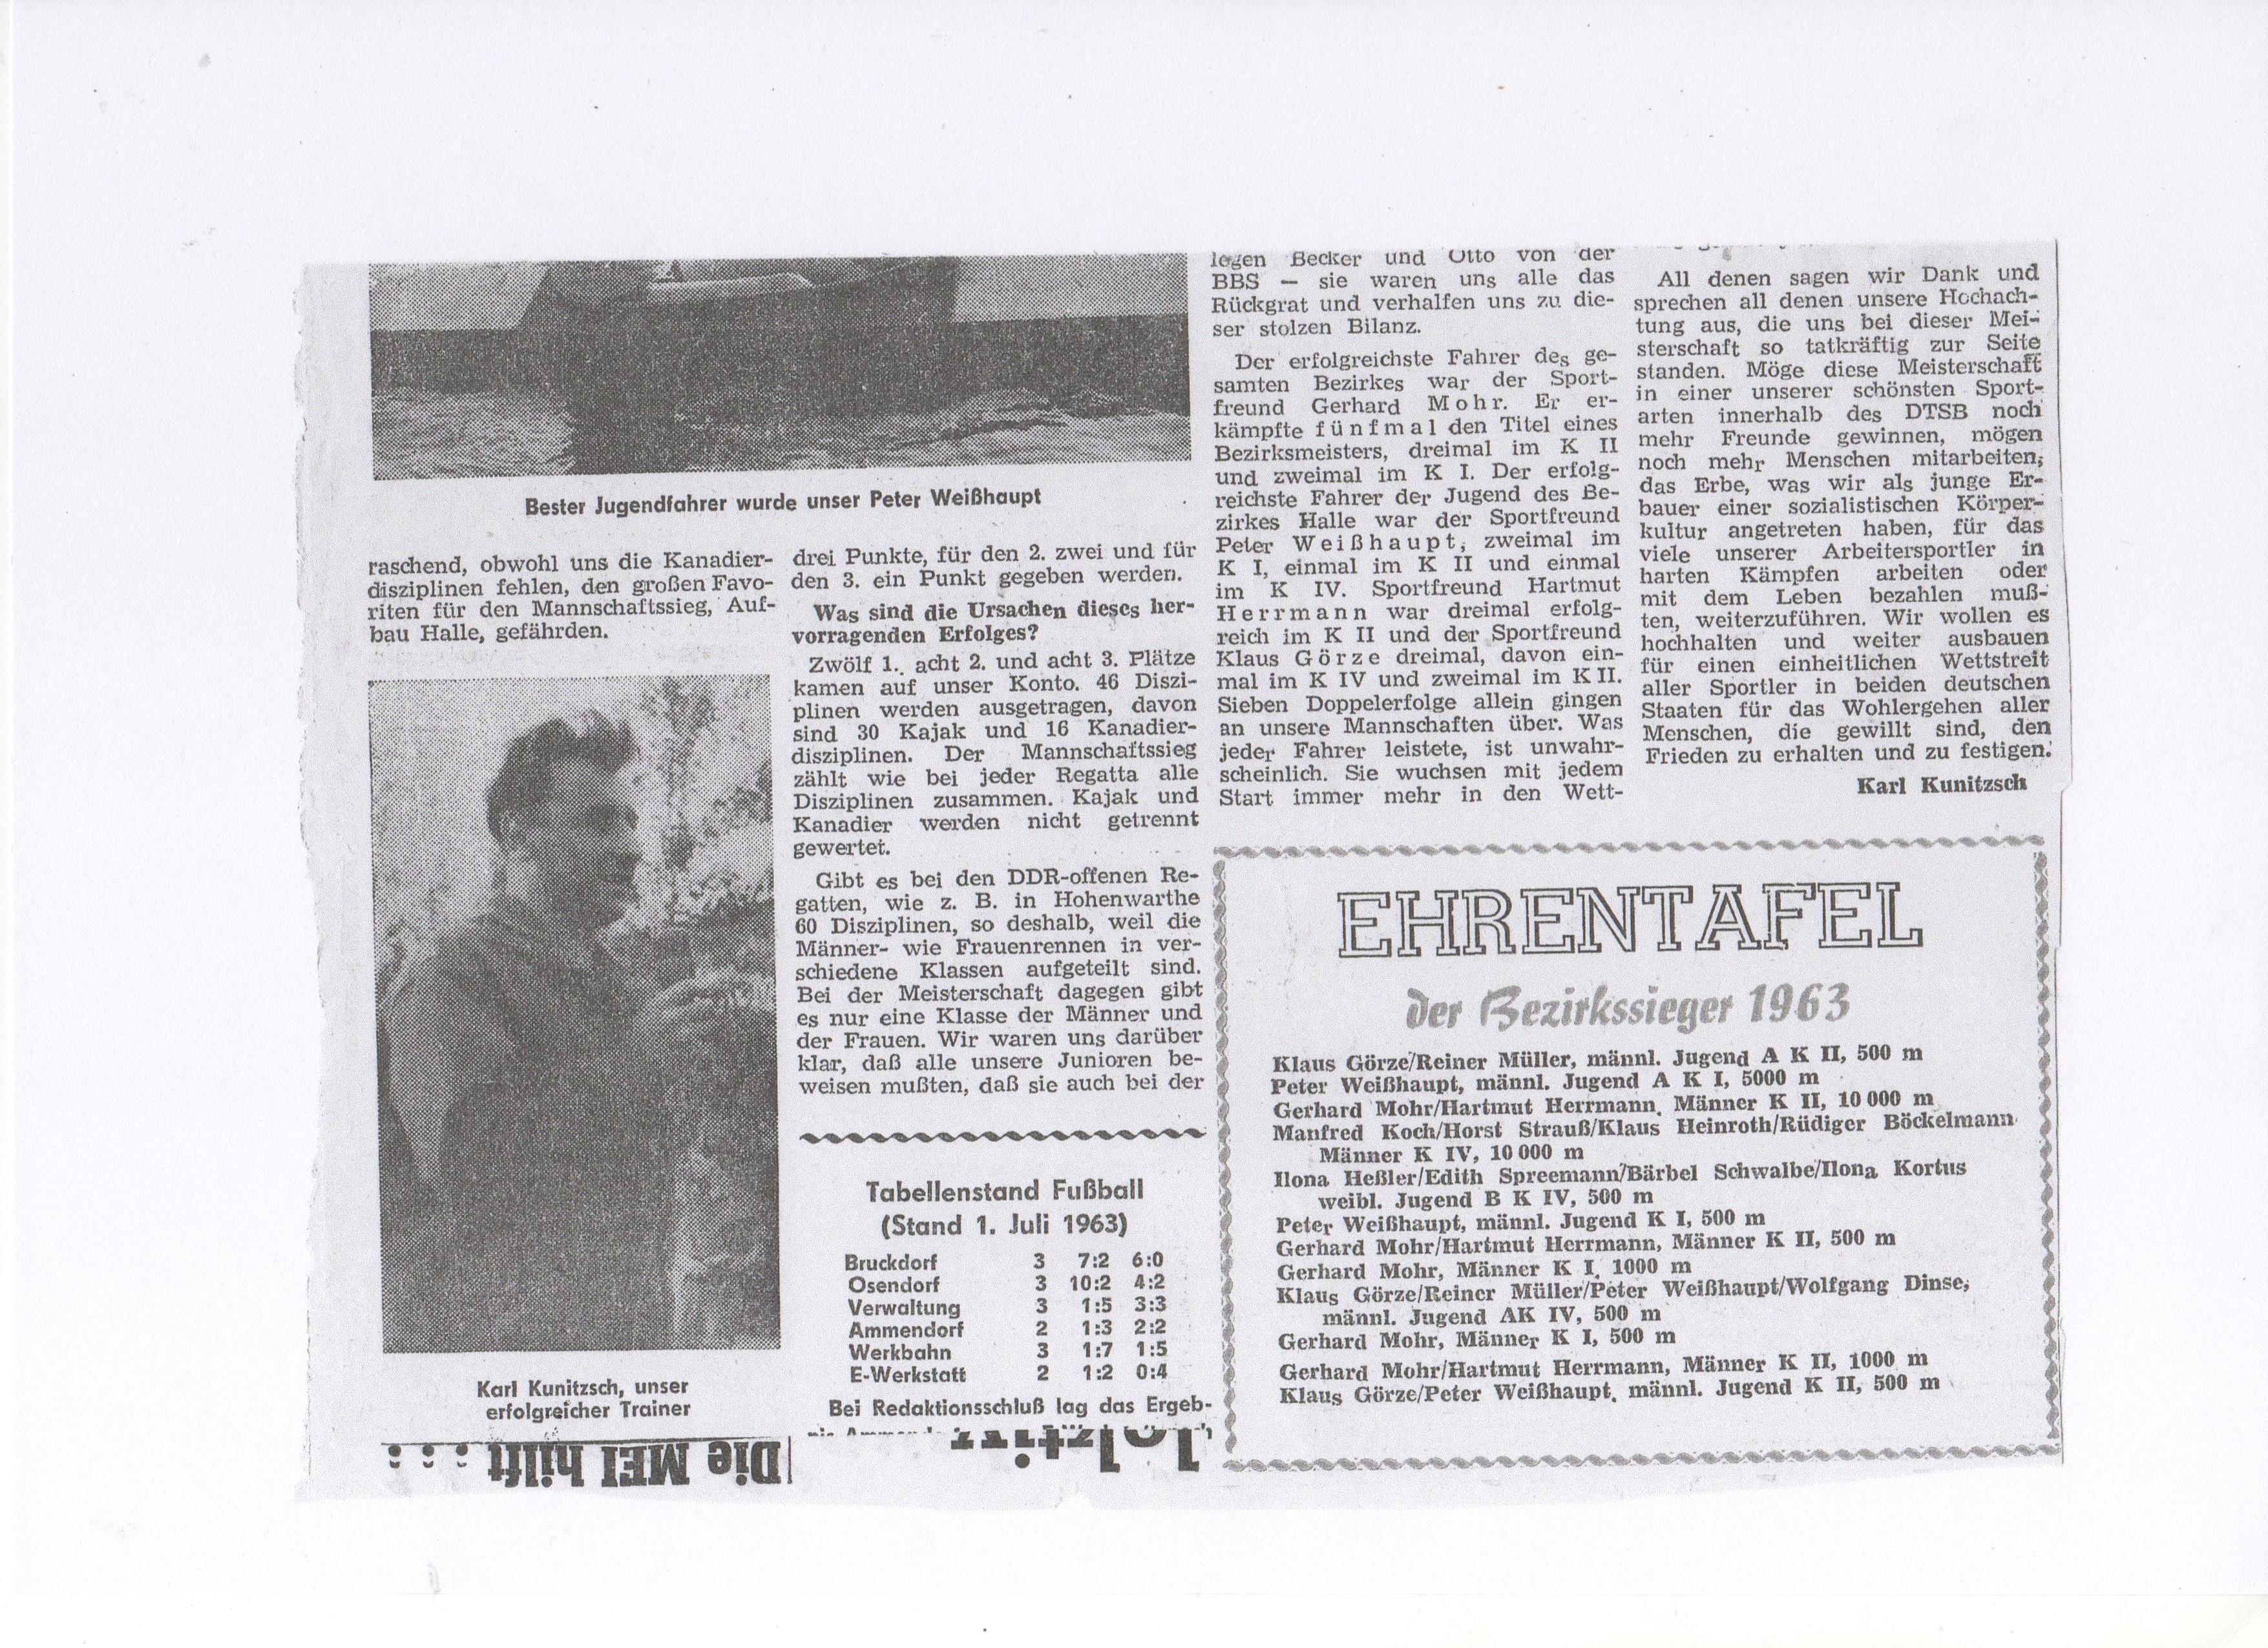 1963-06-24 Unsere Kanuten übertrafen sich selbst, Ehrentafel 2